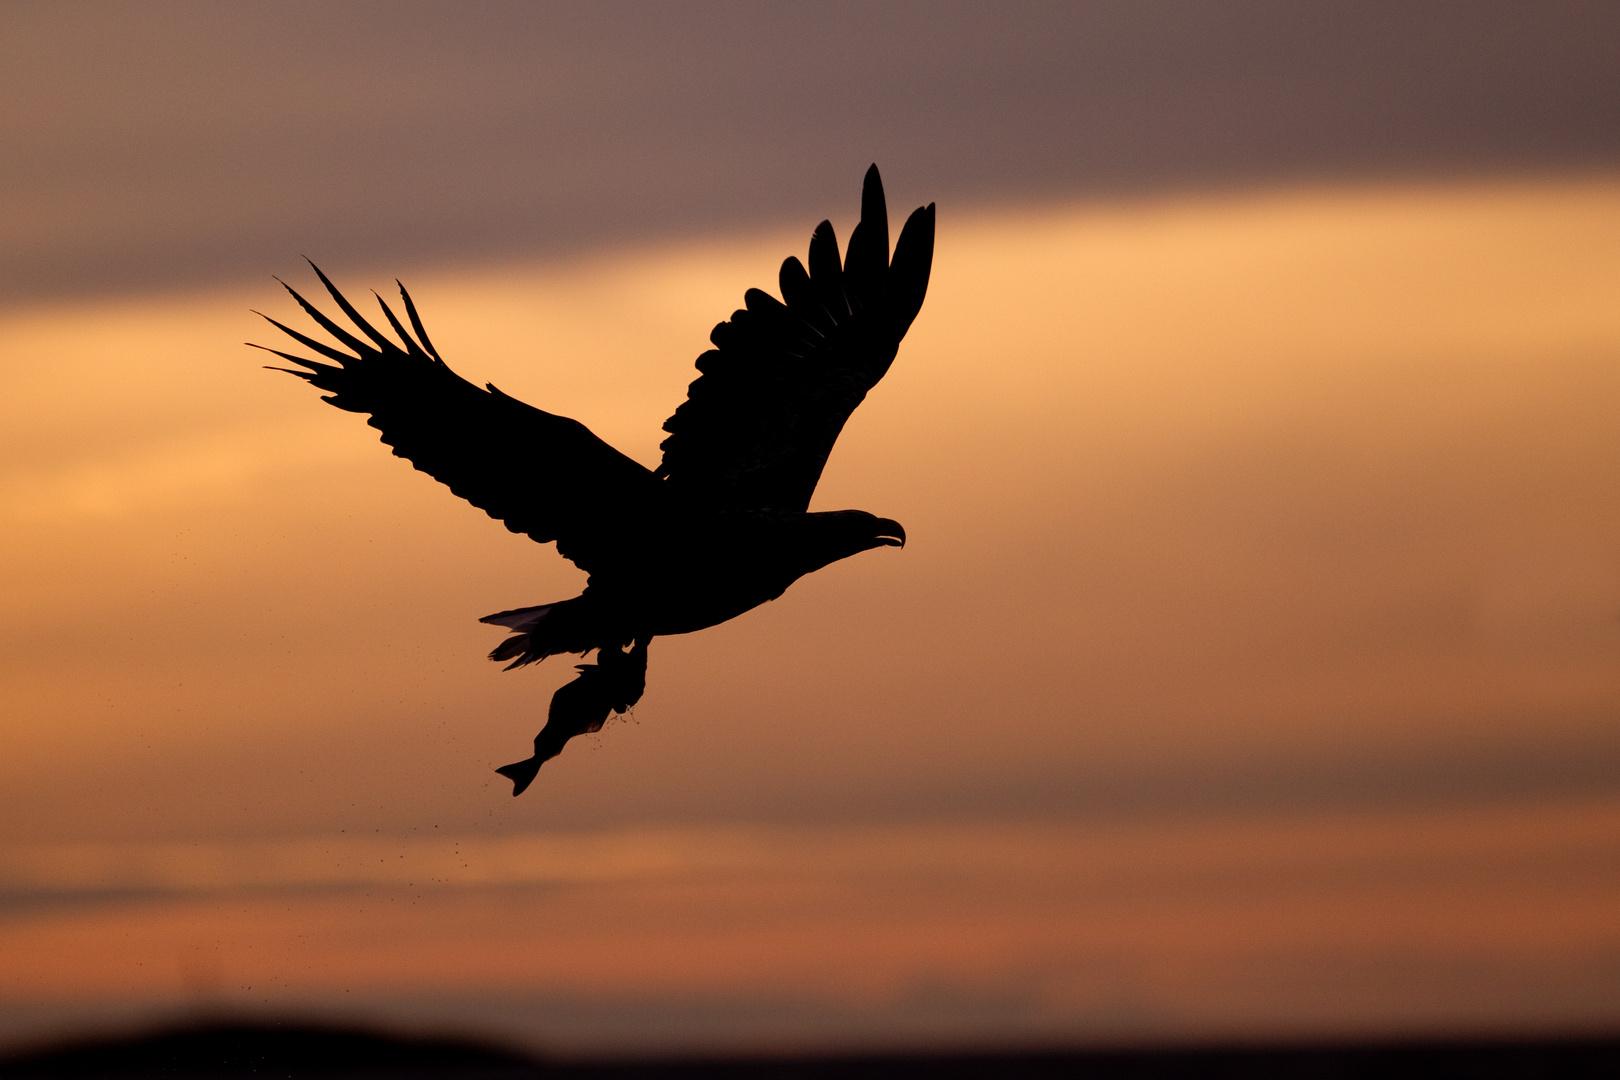 Seeadler So Geht Ein Wunderschöner Tag Zu Ende Vielen Vielen Dank